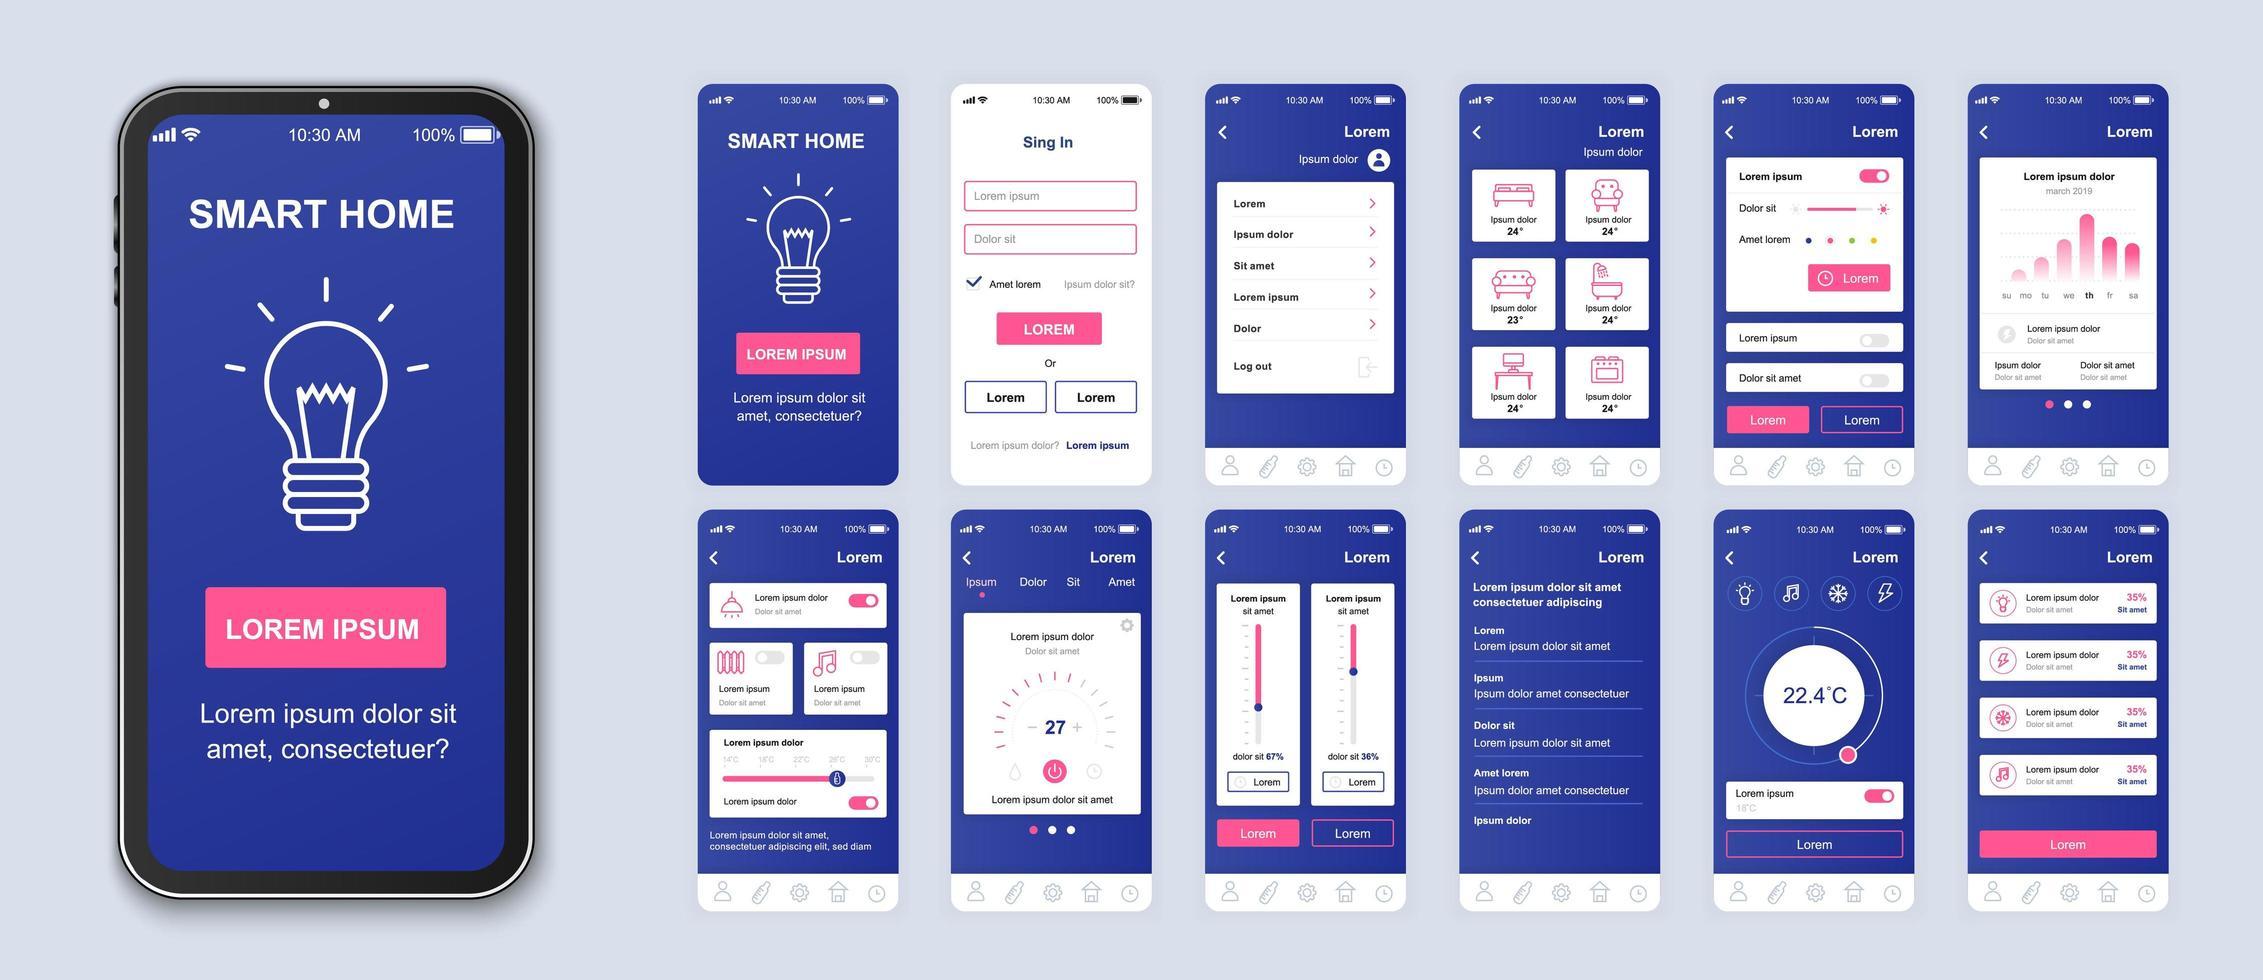 interface de aplicativo móvel IU para casa inteligente roxo e rosa vetor